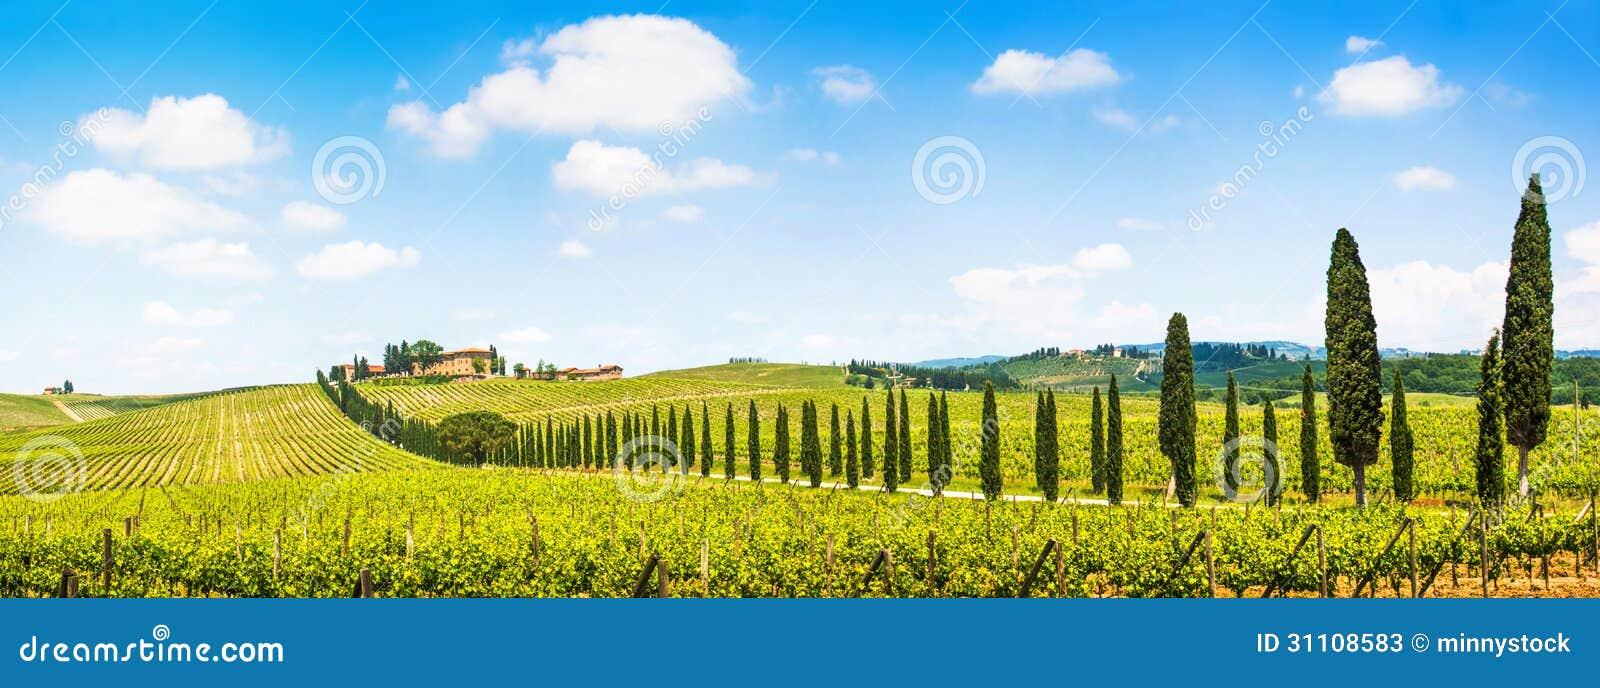 Vue panoramique de paysage scénique de la Toscane avec le vignoble dans la région de chianti, Toscane, Italie